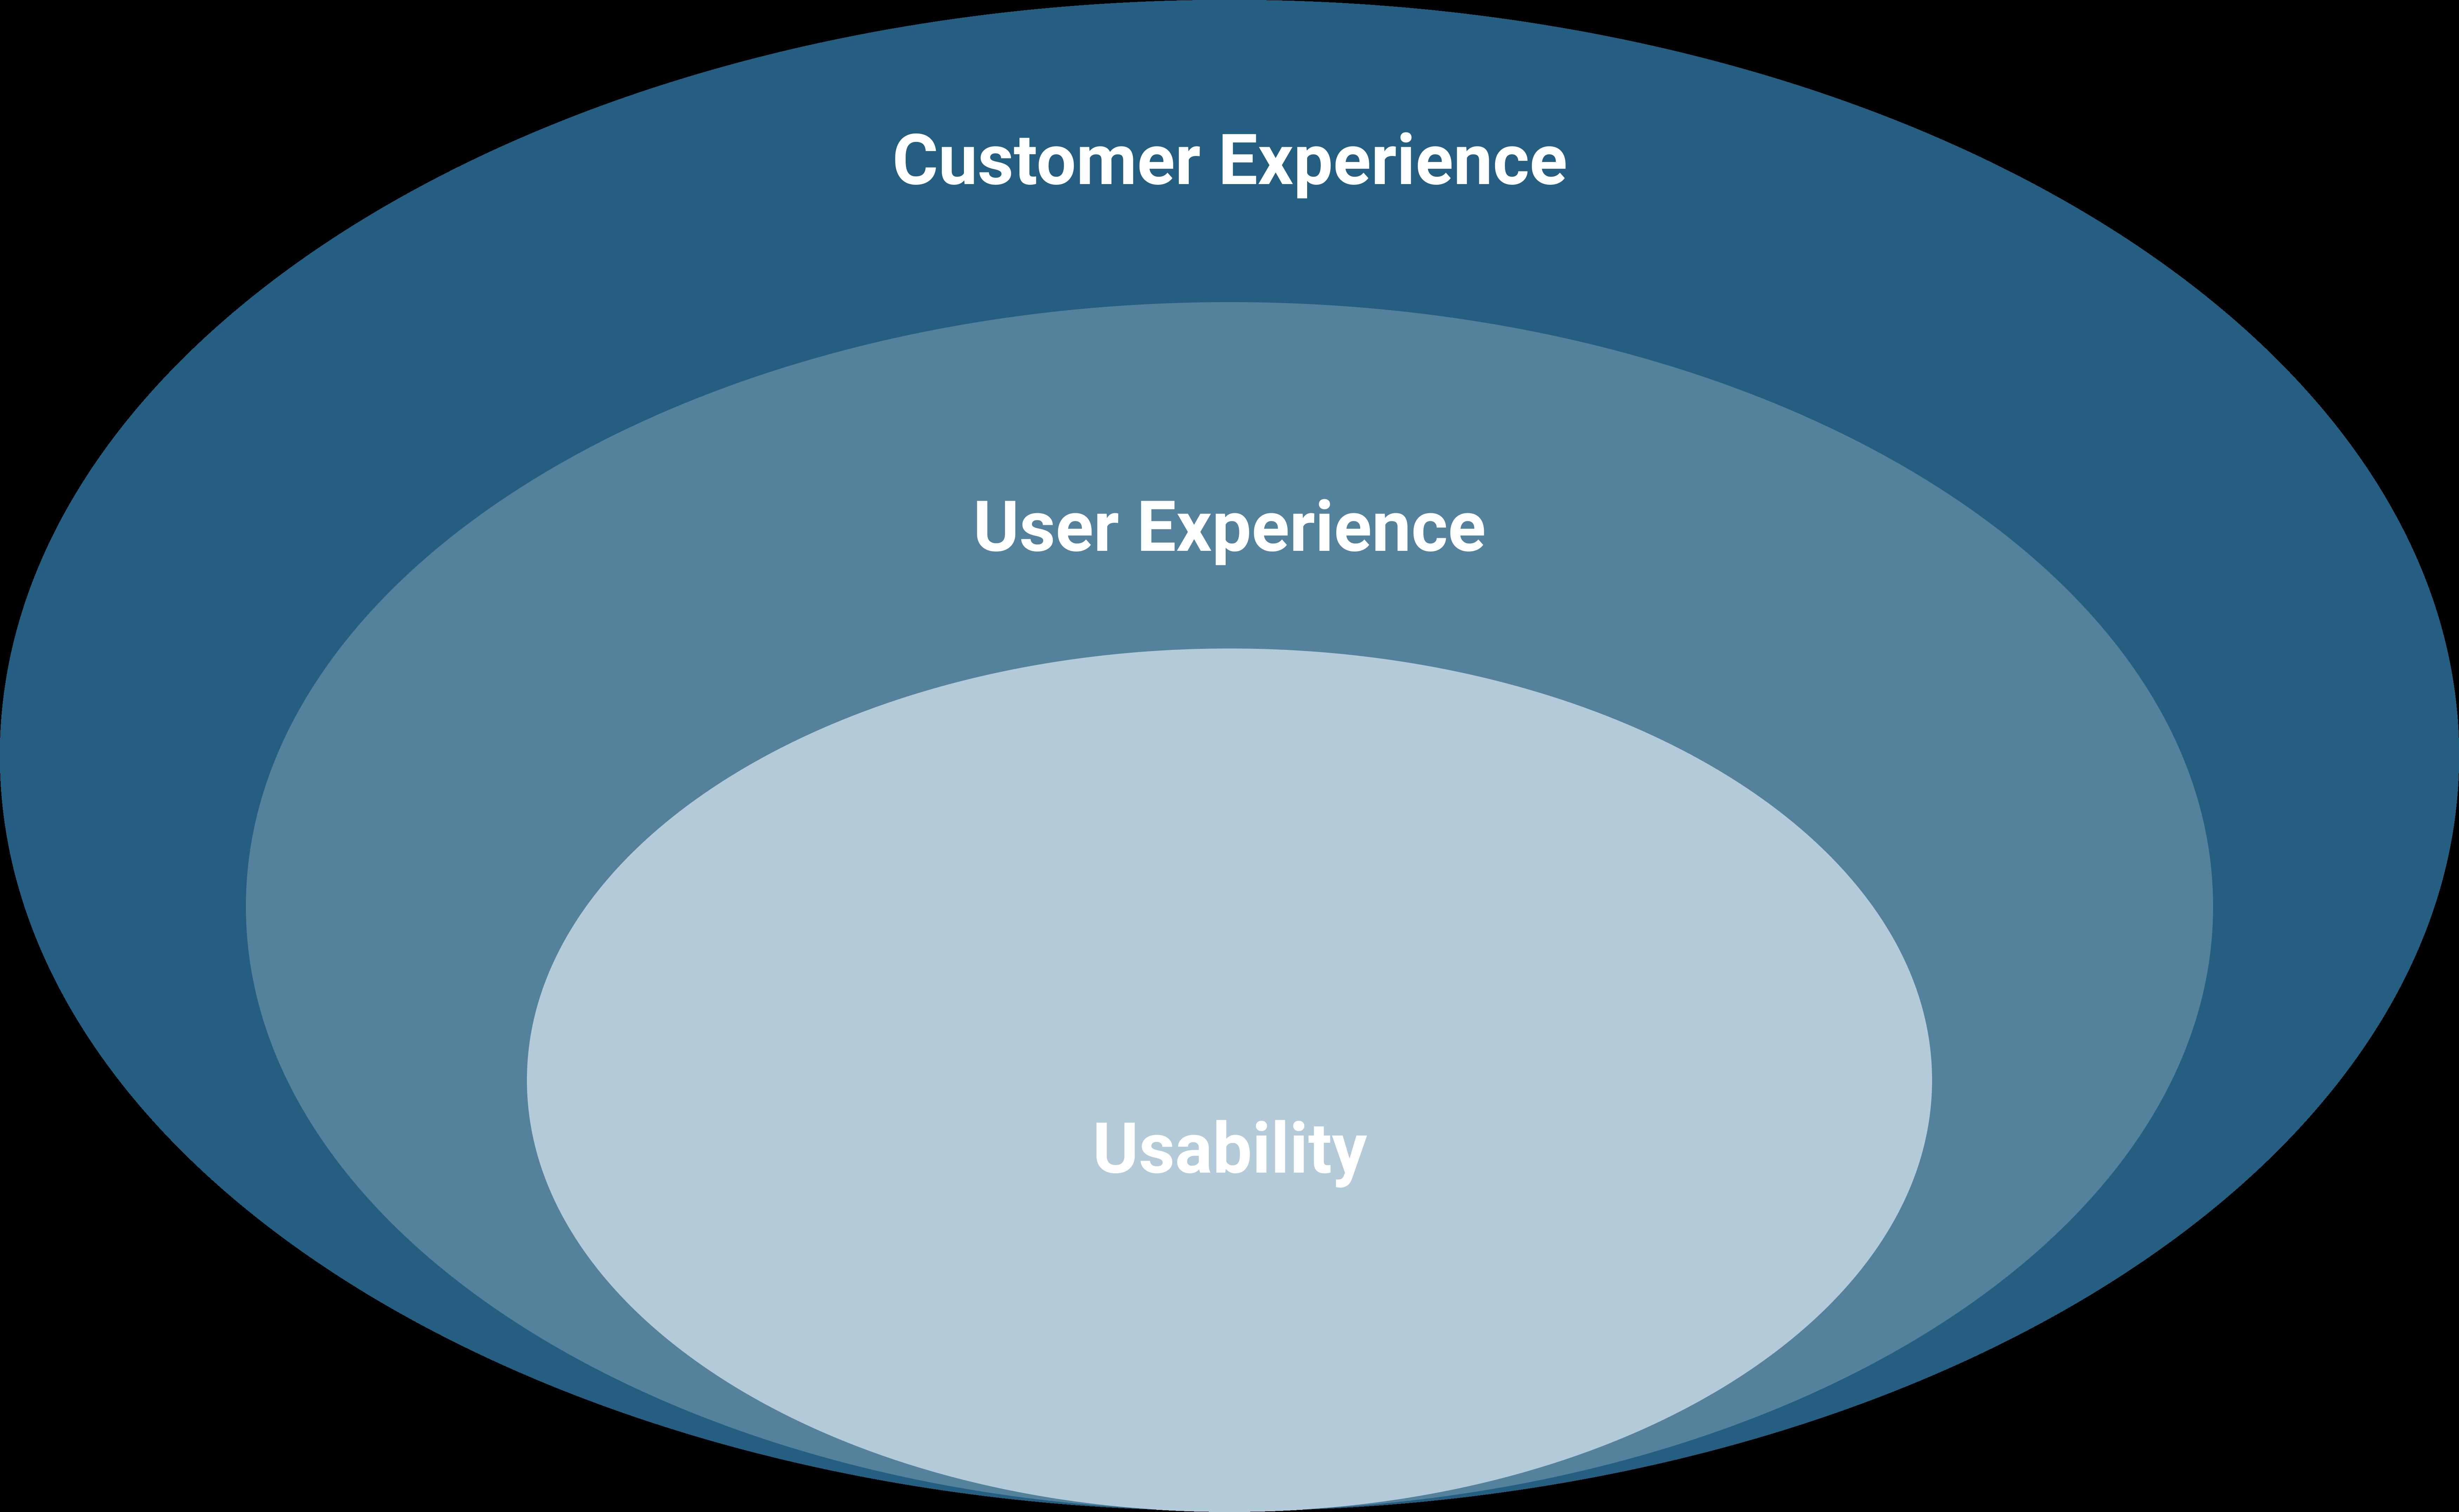 Cerchio Customer Experience che racchiude la User Experience che a sua volta racchiude la Usability